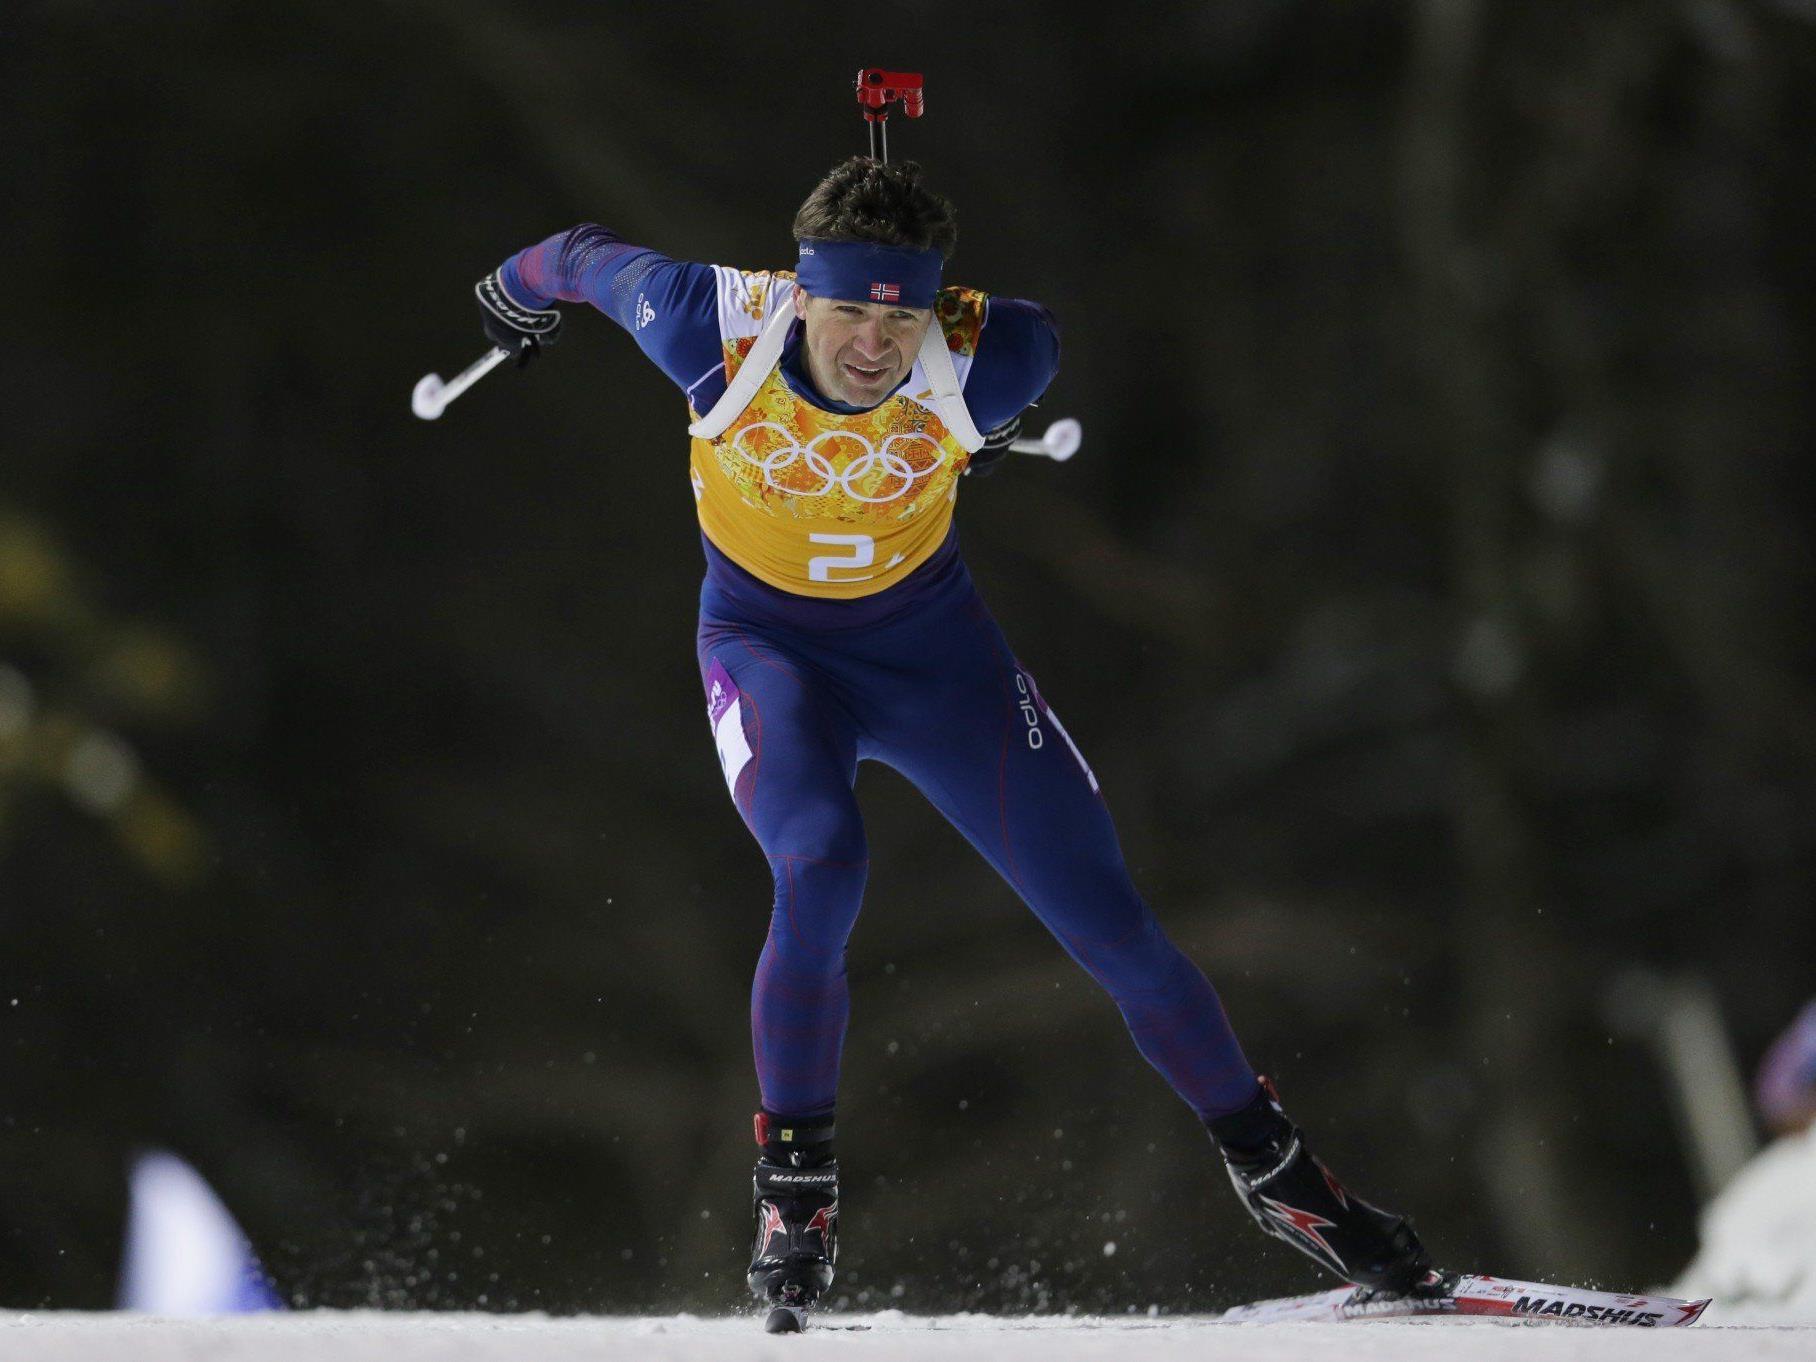 Björndalen nach achter Goldmedaille Nummer 1 der ewigen Bestenliste bei Winterspielen